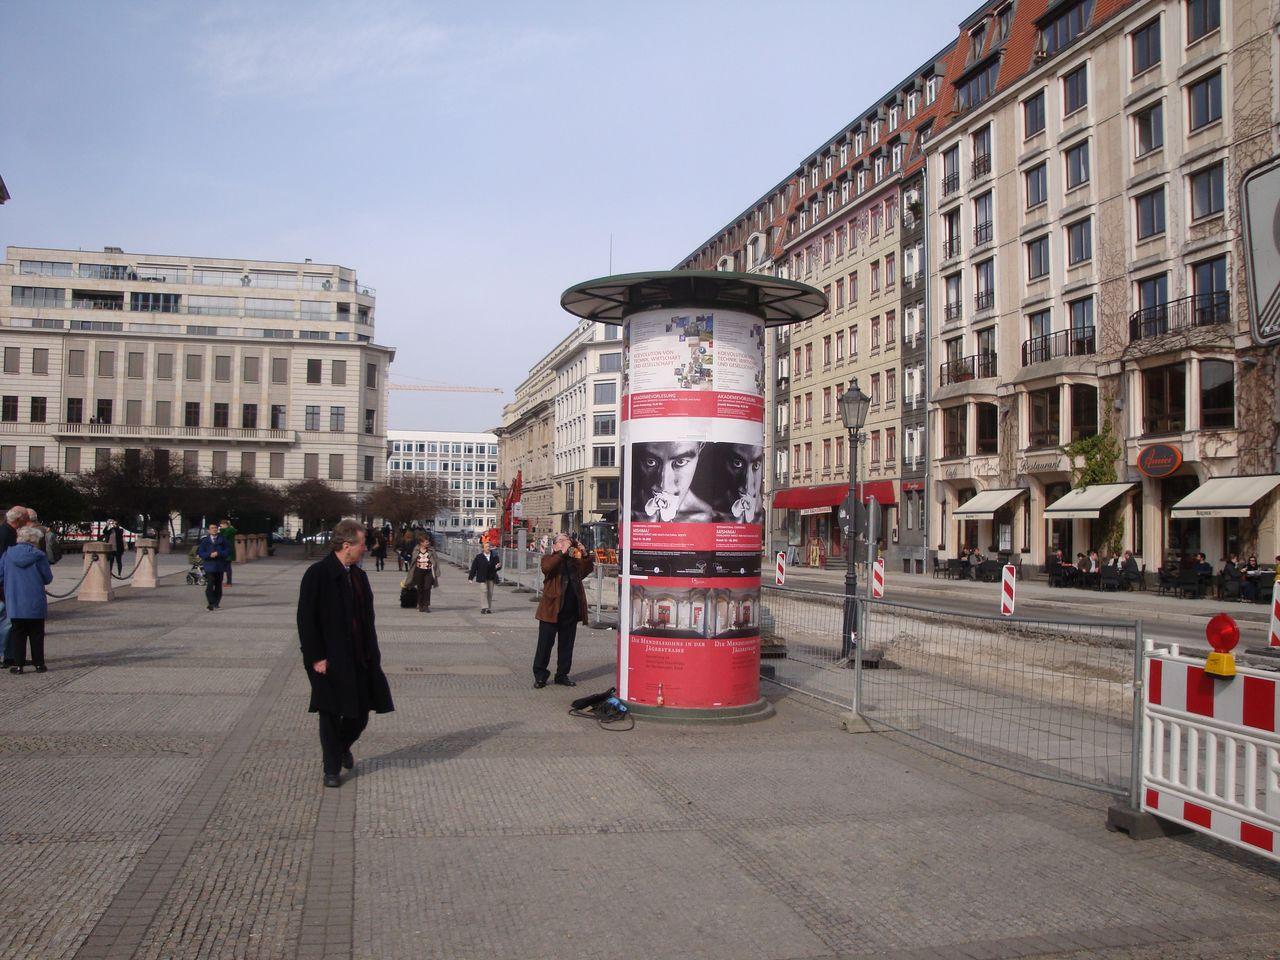 Плакаты о посвящённой Мисиме конференции в 2010 году в центре Берлина, на Жандарменмаркт (©Хидзия Сюдзи)